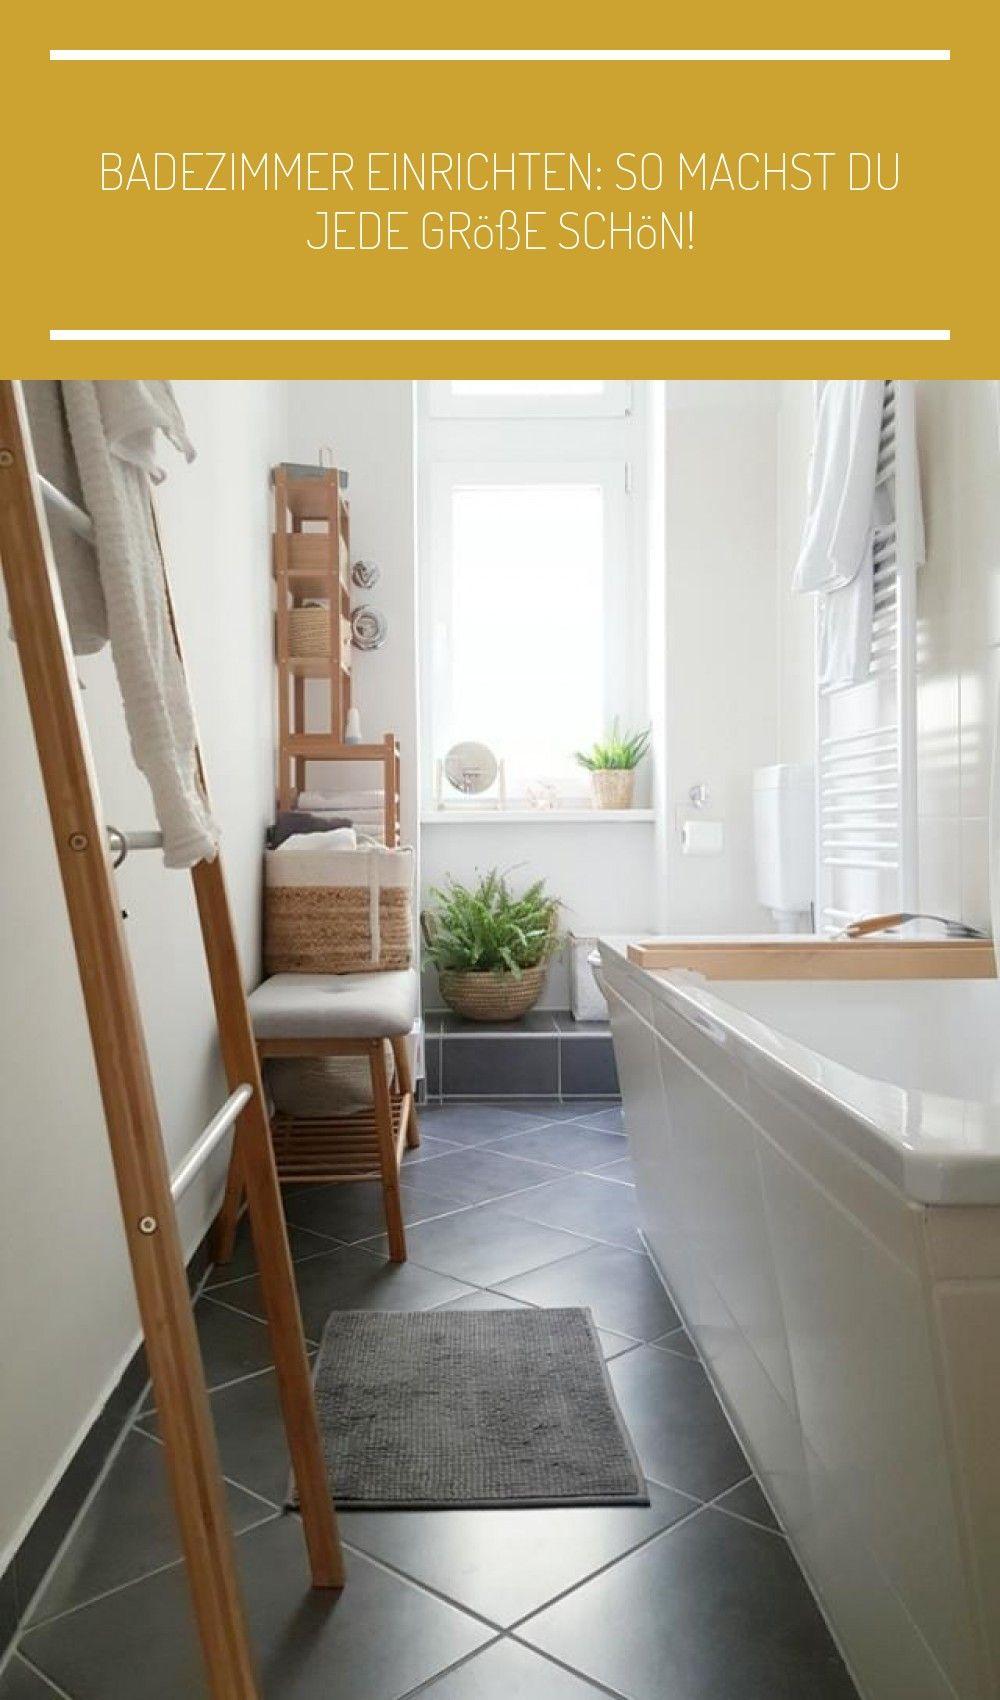 Badezimmer Einrichten So Mach In 2020 Motif Design Bathtub Treble Crochet Stitch